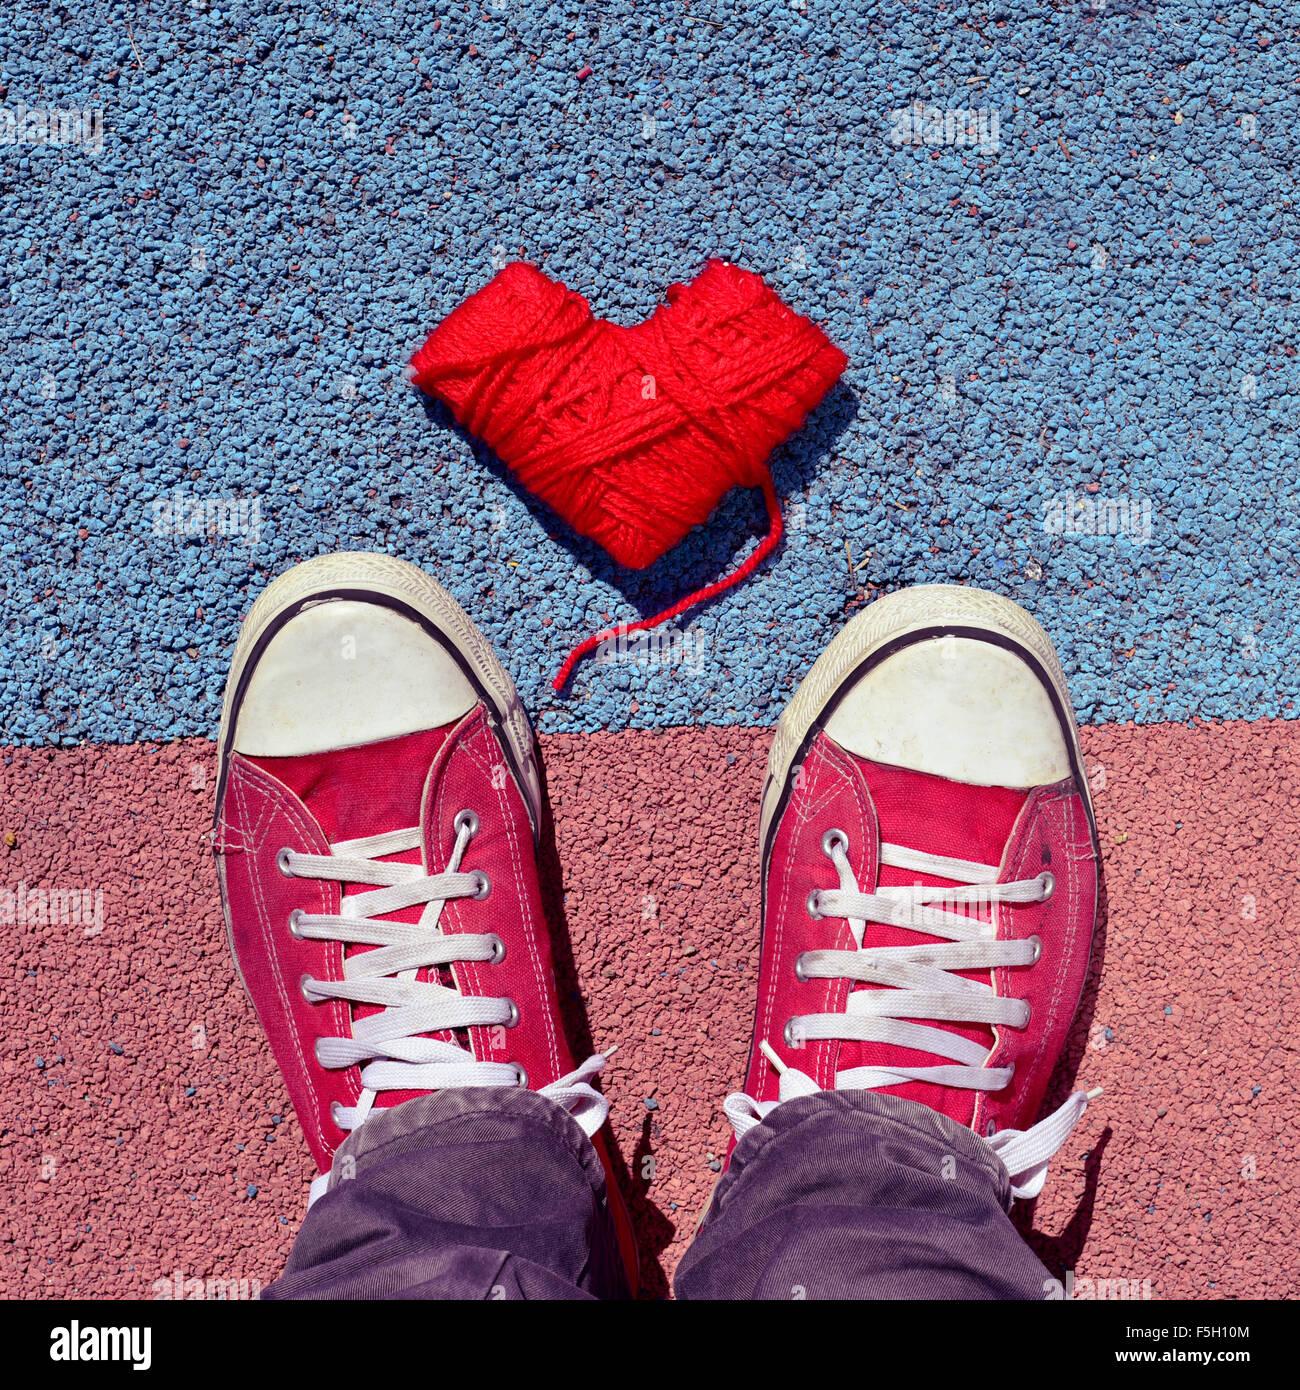 Capture d'un grand angle d'une bobine en forme de cœur rouge de fil et les pieds d'un homme portant Photo Stock